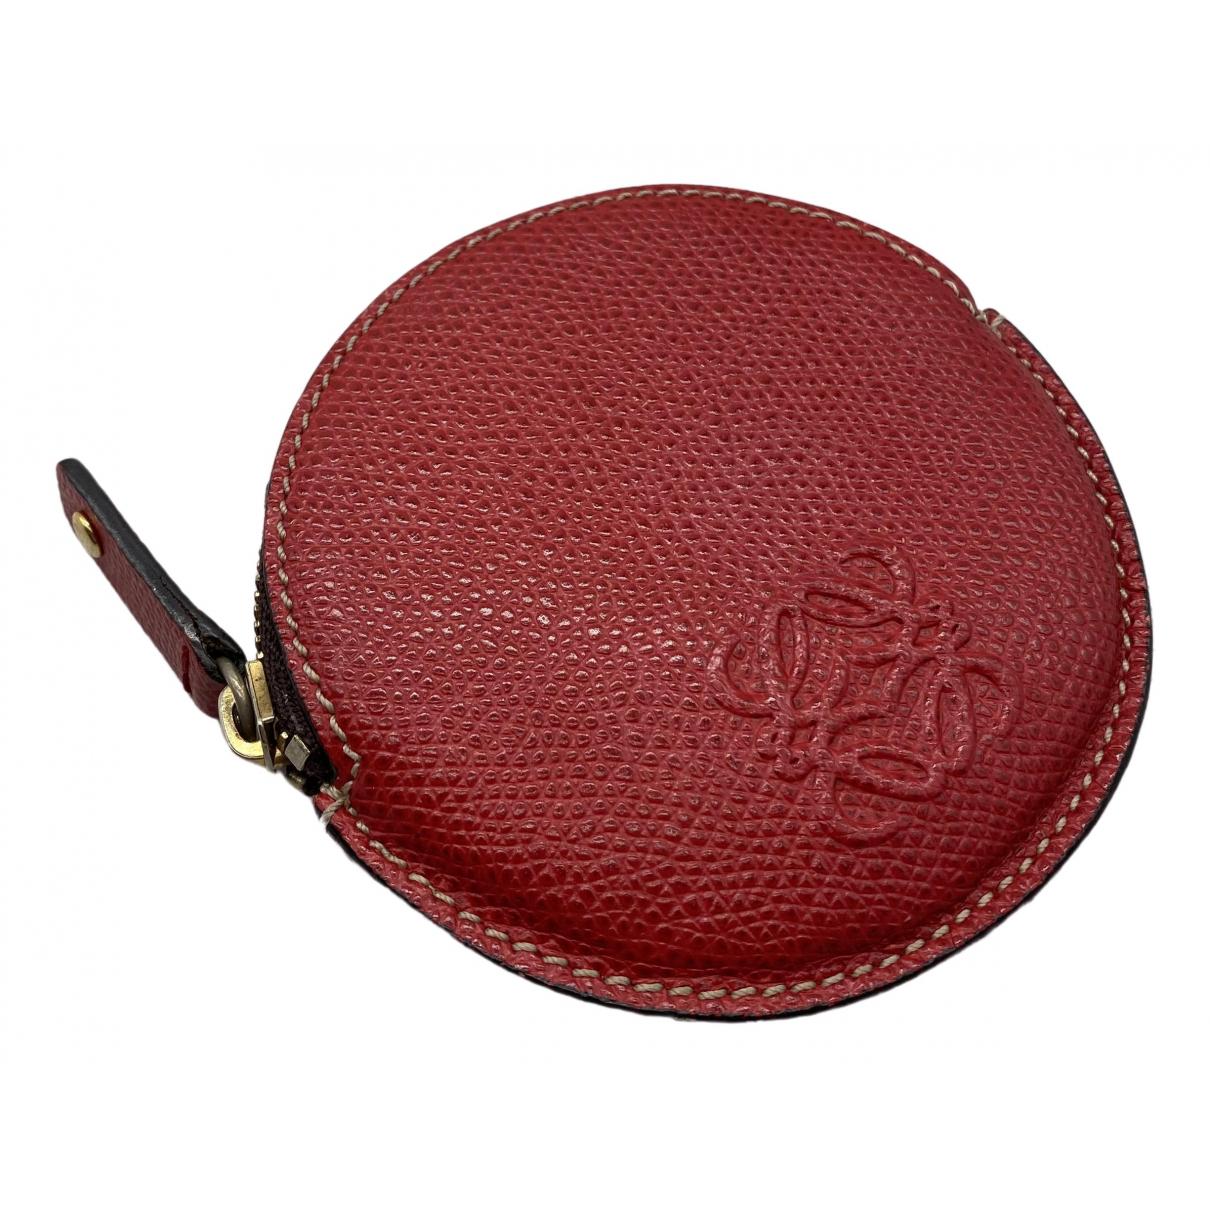 Loewe \N Kleinlederwaren in  Rot Leder